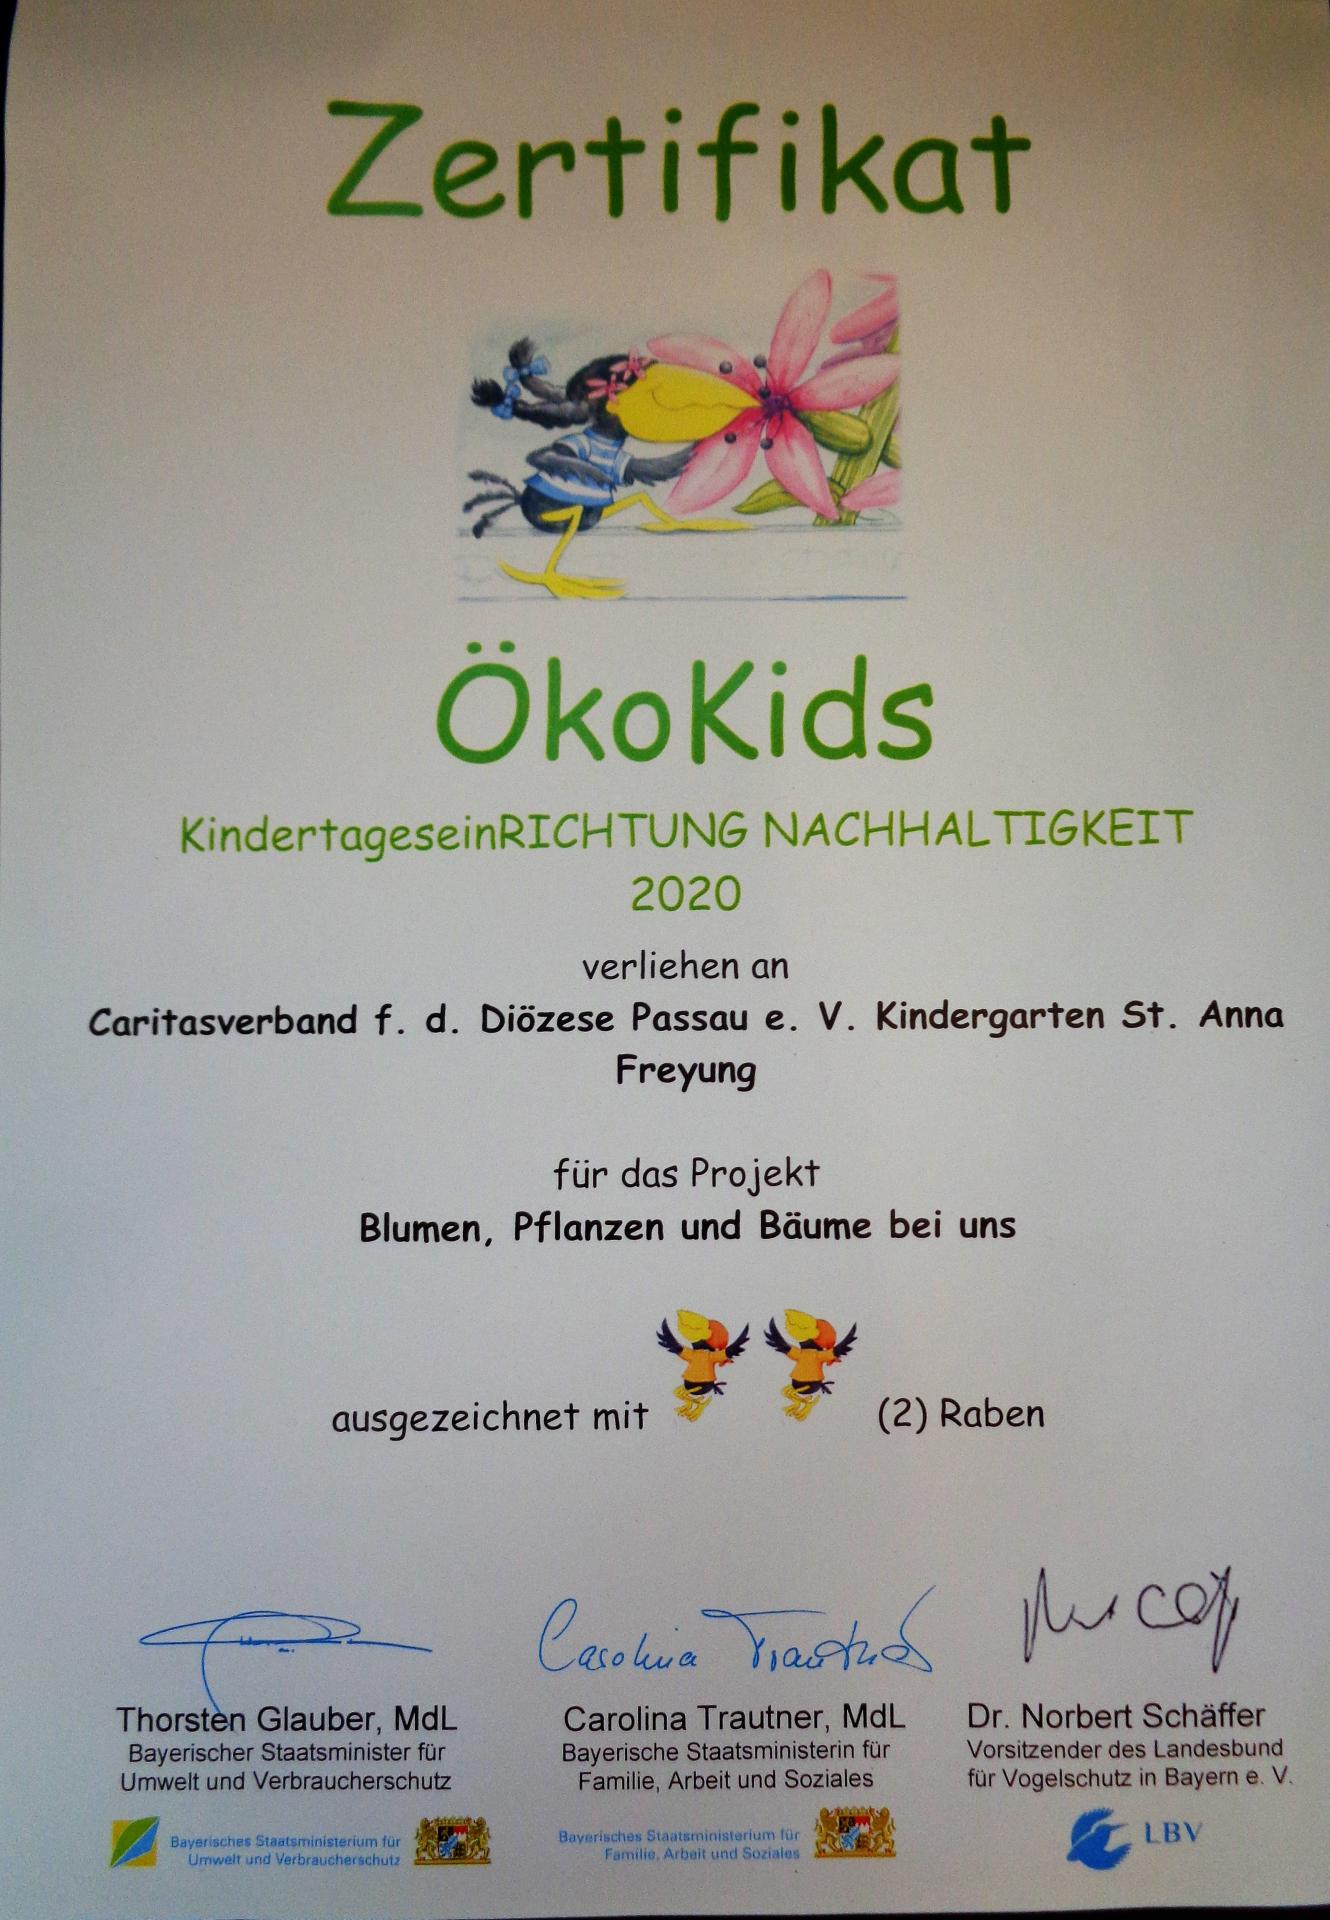 Öko Kids 2020